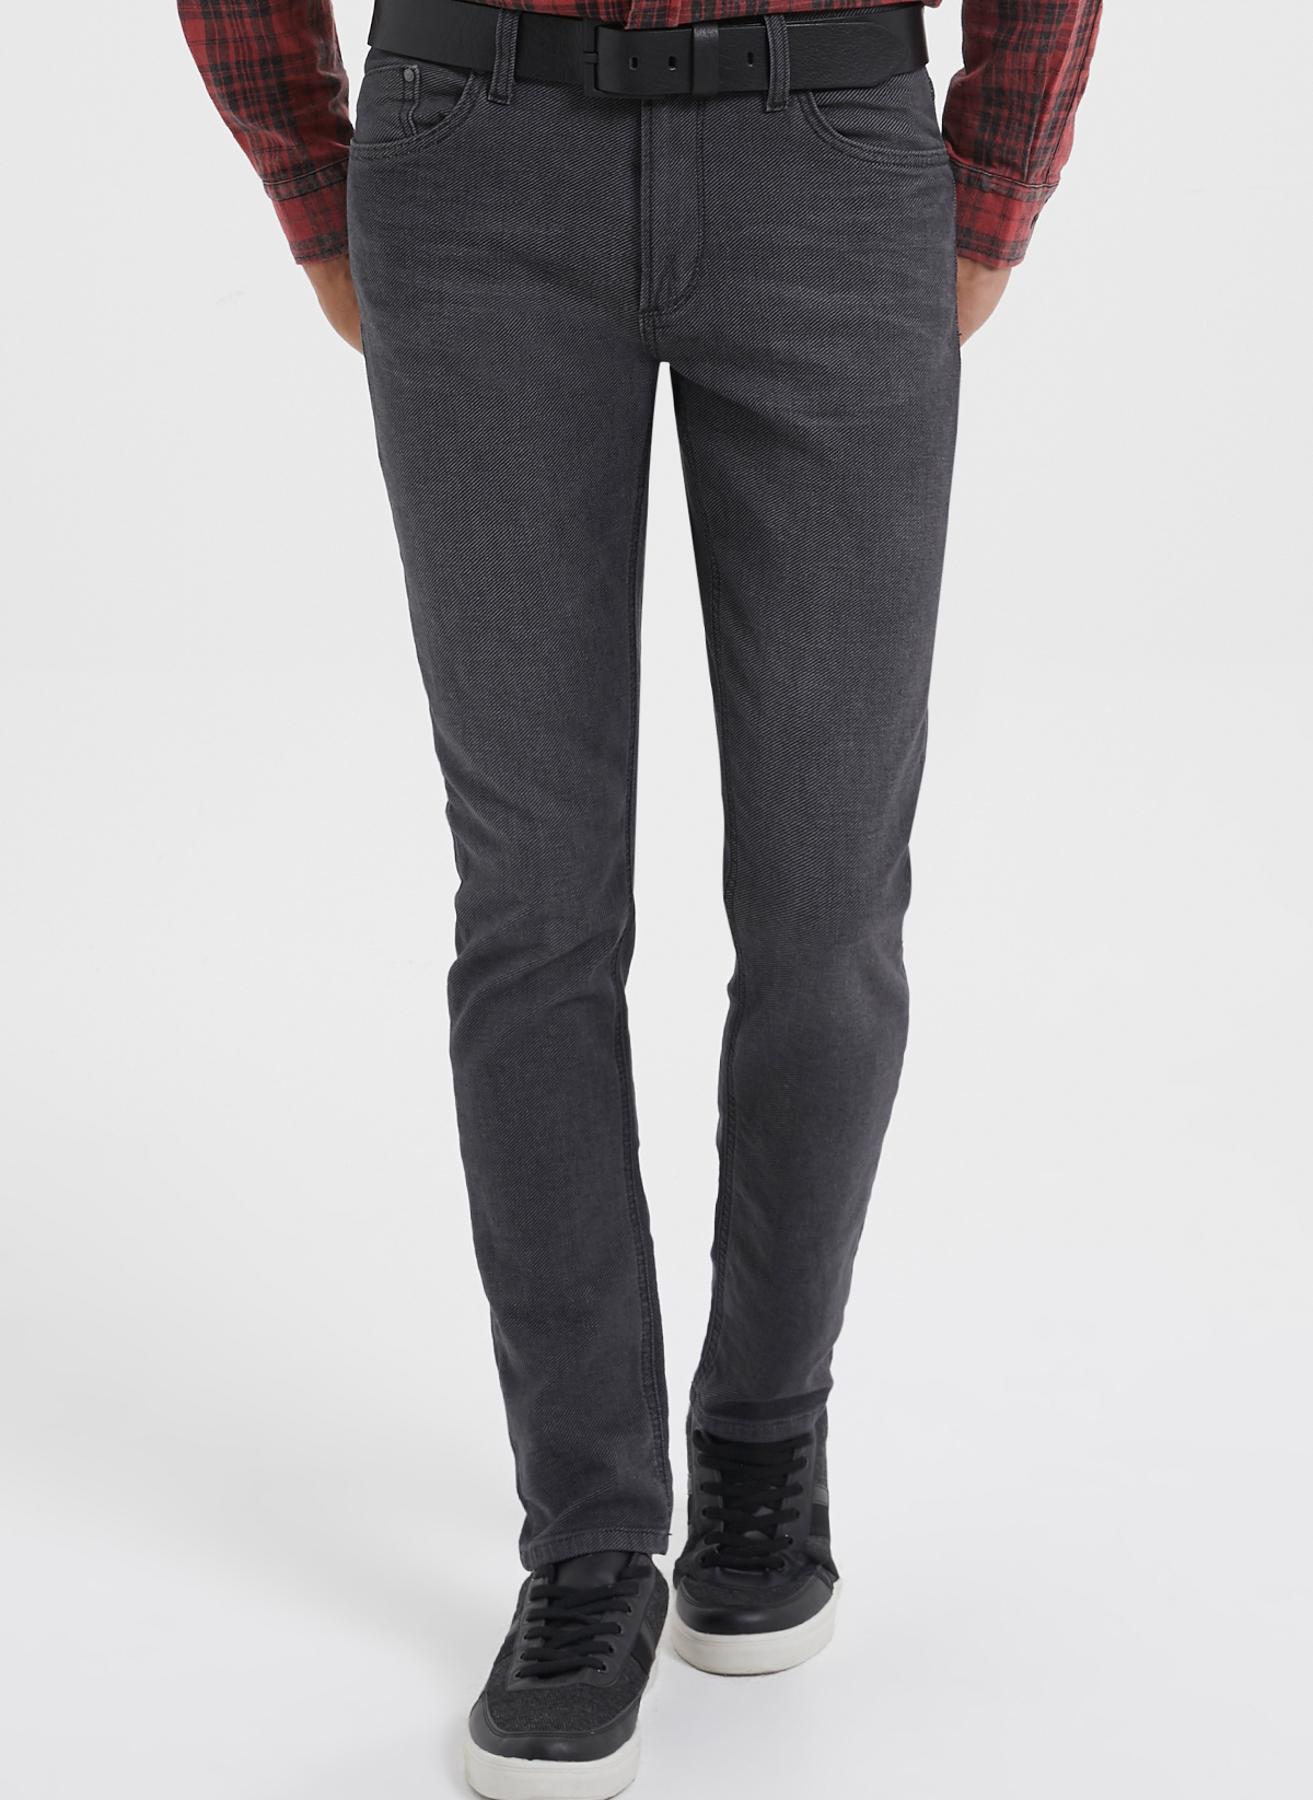 Loft Klasik Pantolon 33-30 5001733868010 Ürün Resmi